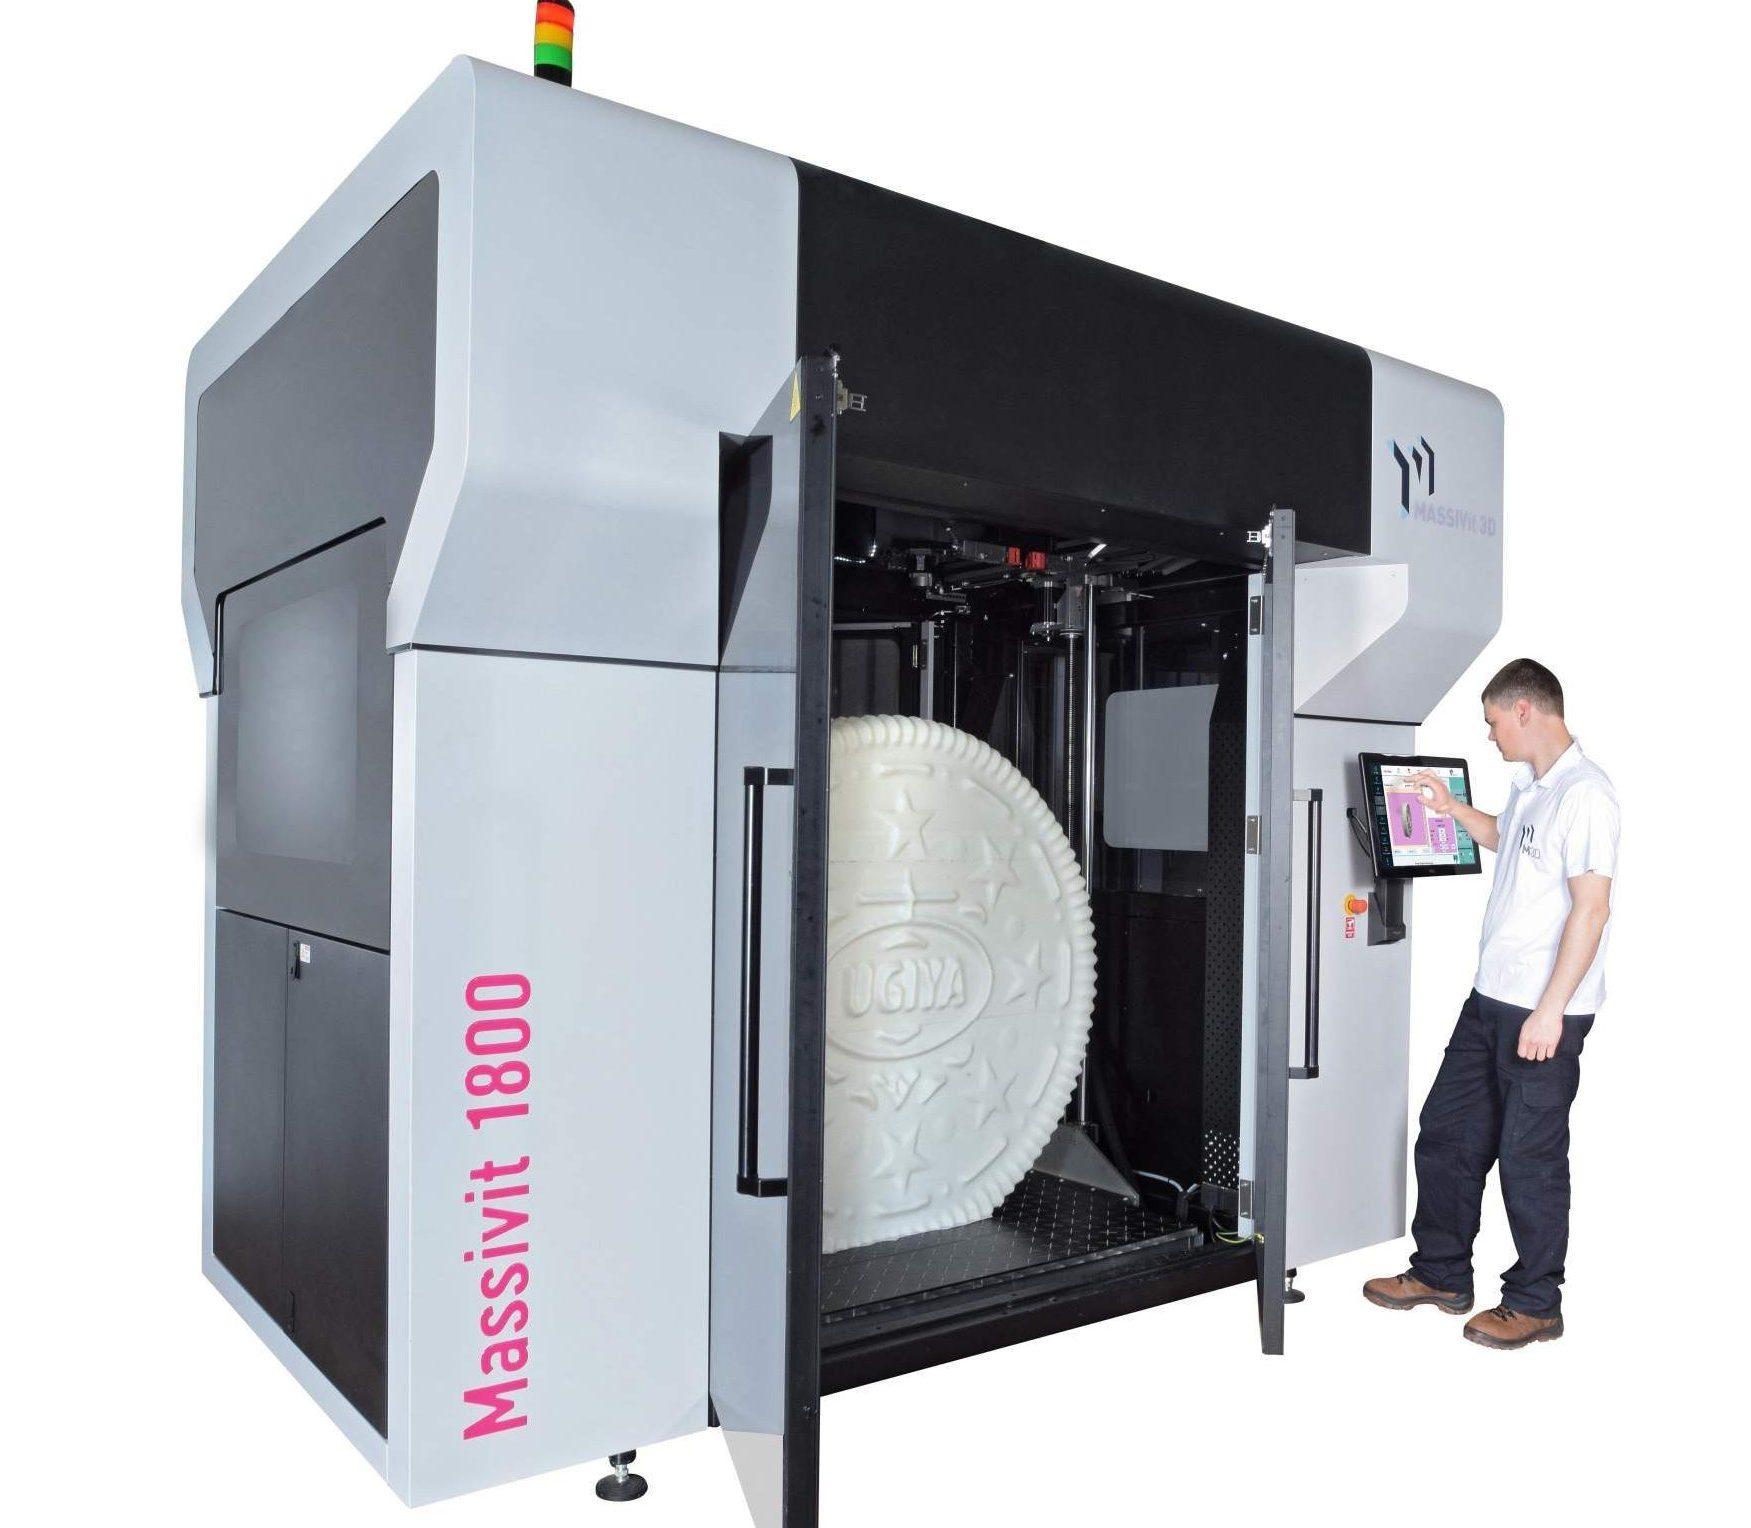 Massivit 1800 3D printer. Photo via Massivit.